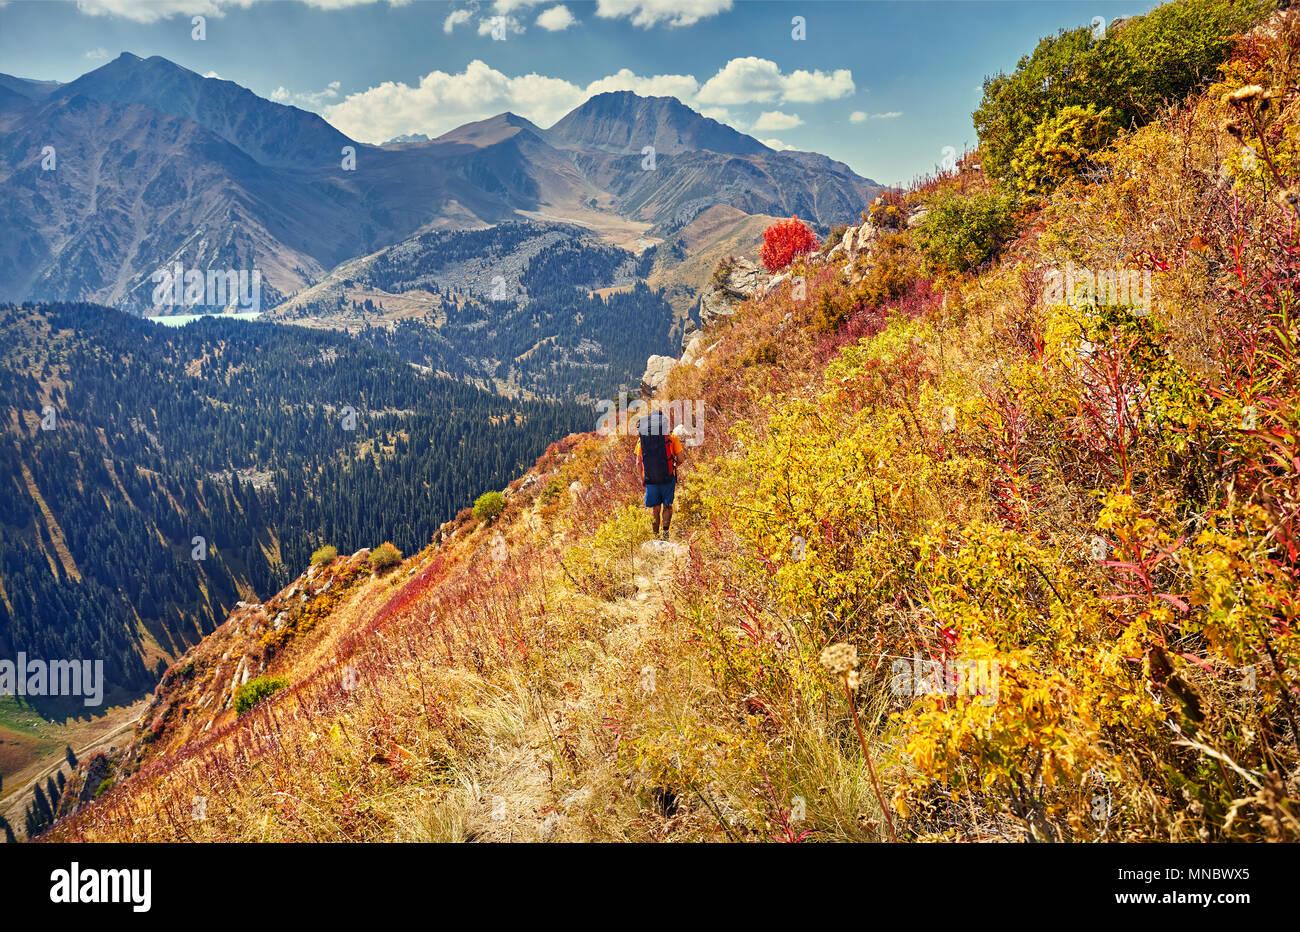 Wanderer mit grossen Rucksack Wandern auf den Spuren im Herbst gelb Bäume in den Bergen Stockbild